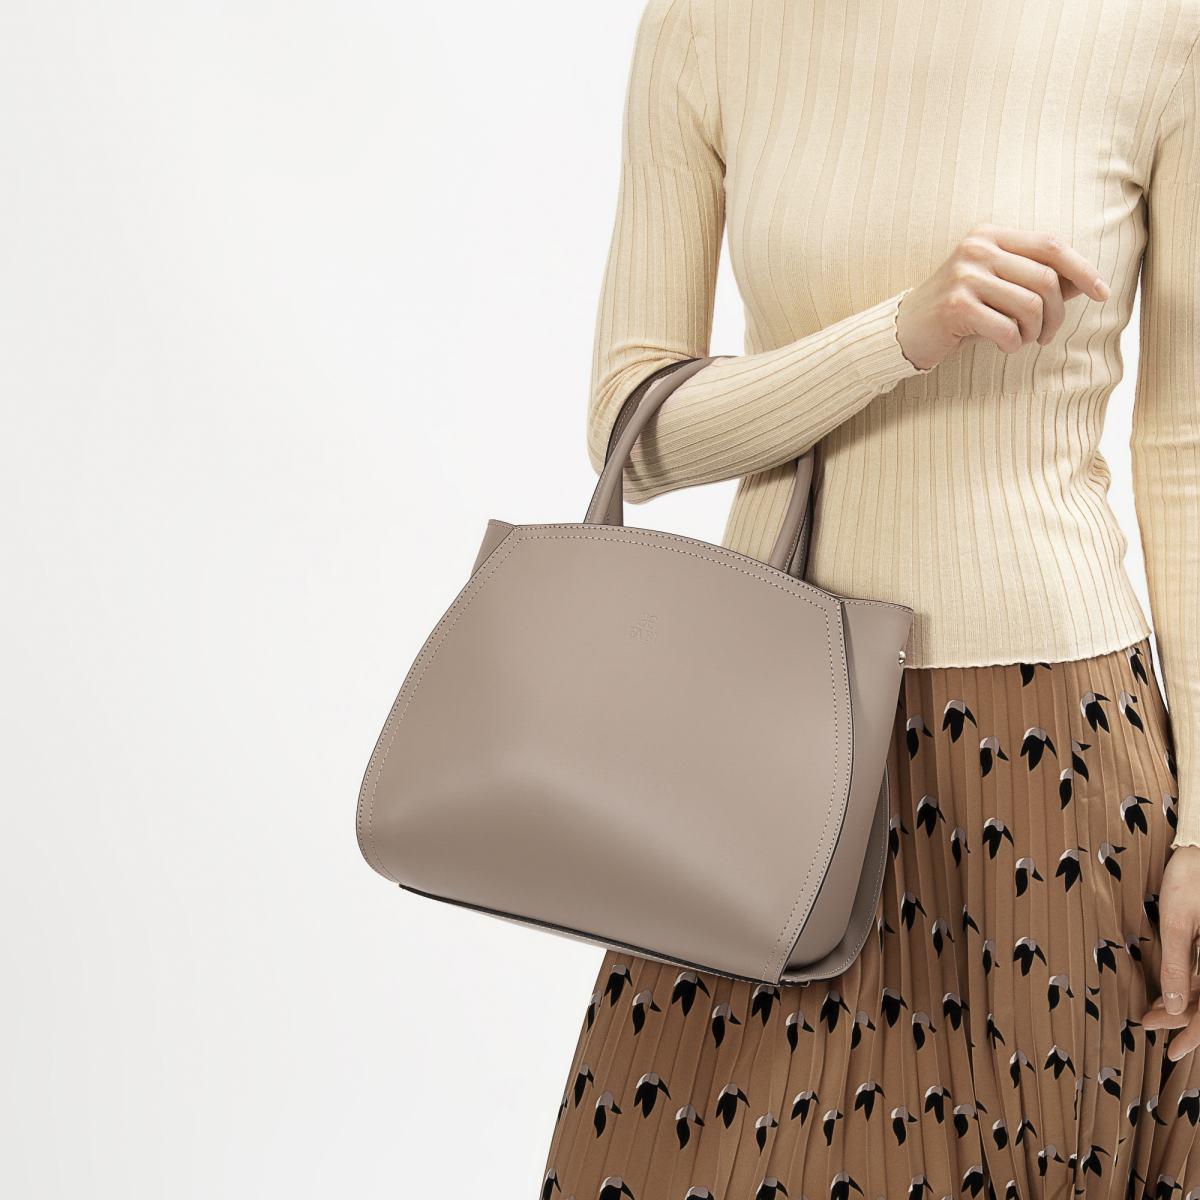 купить сумку белвест в интернет магазине